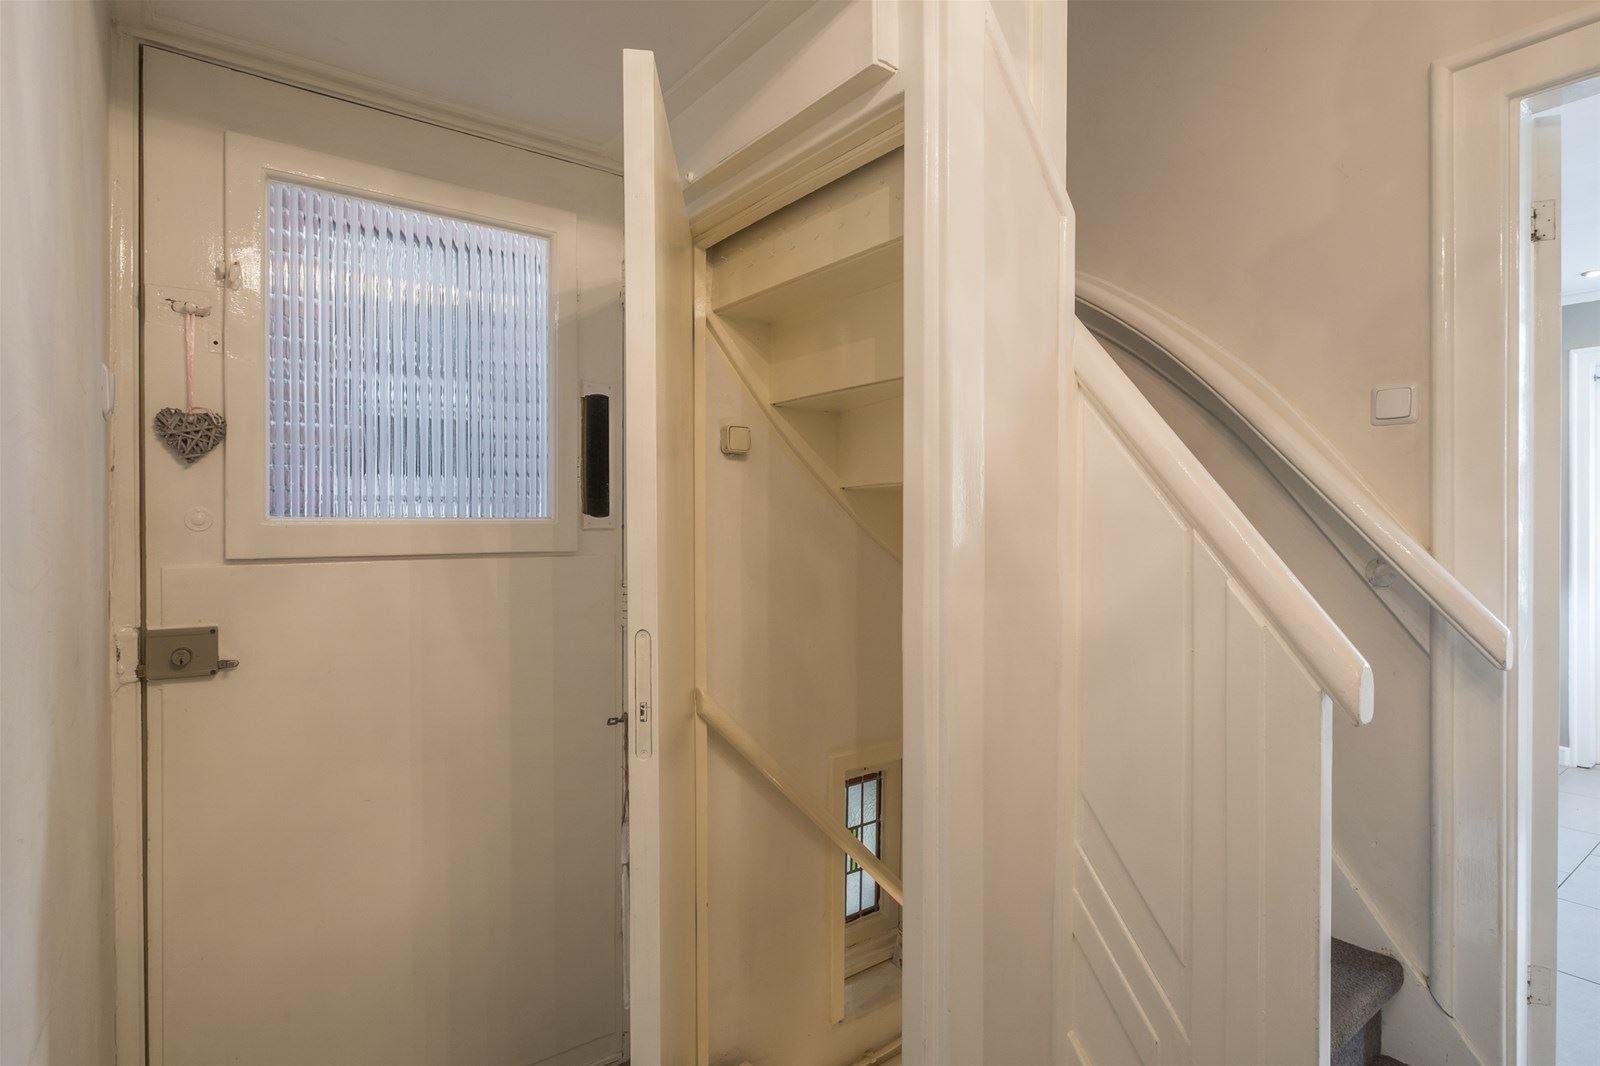 Tegels Badkamer Enschede : Huis te koop: wooldriksweg 207 7512 ar enschede [funda]